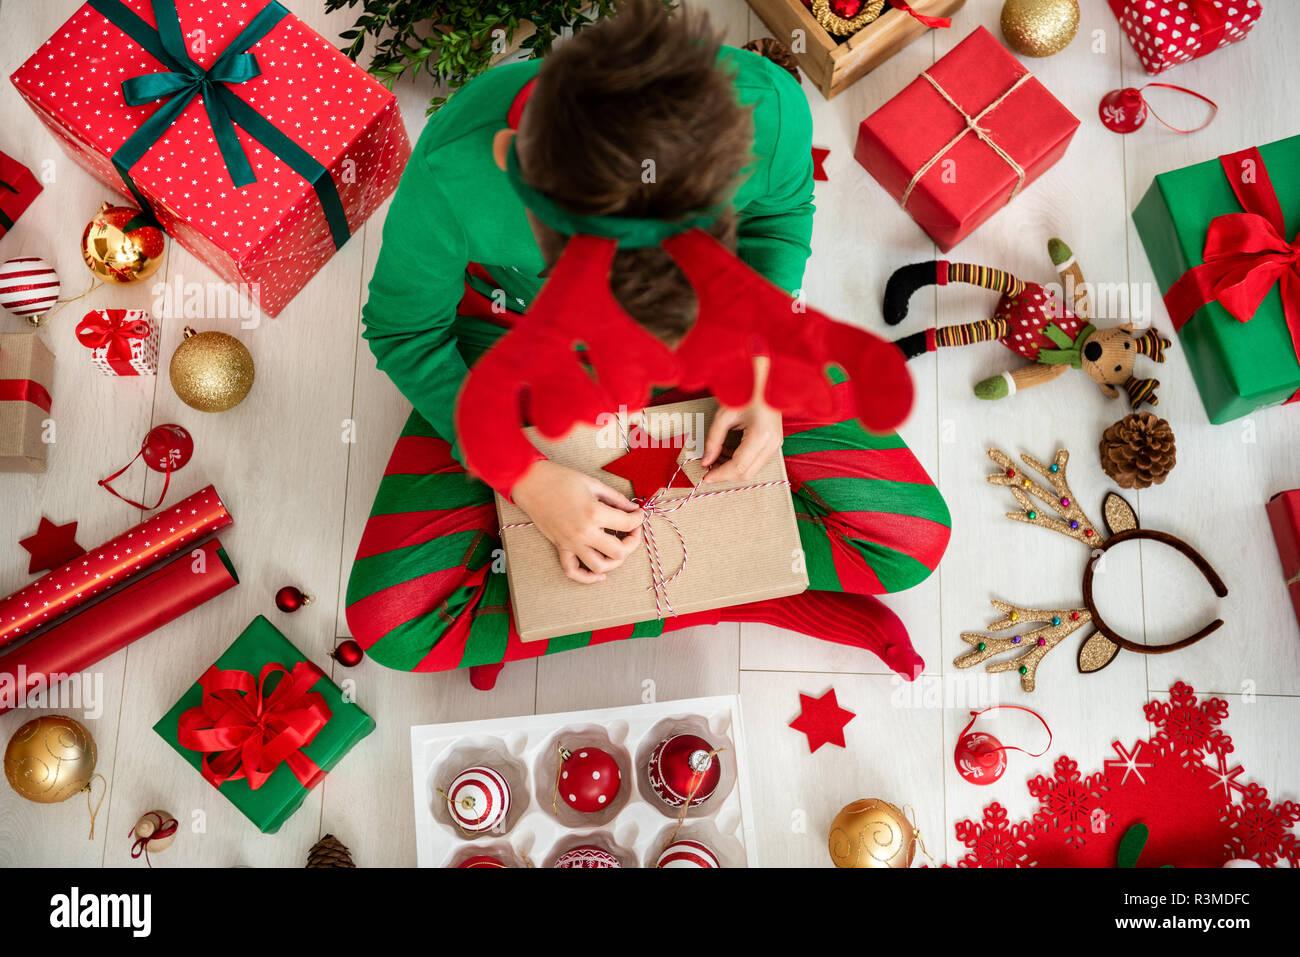 Curioso joven vestían pijamas de navidad sentados en el suelo, abriendo su regalo de navidad, vista superior. Imagen De Stock